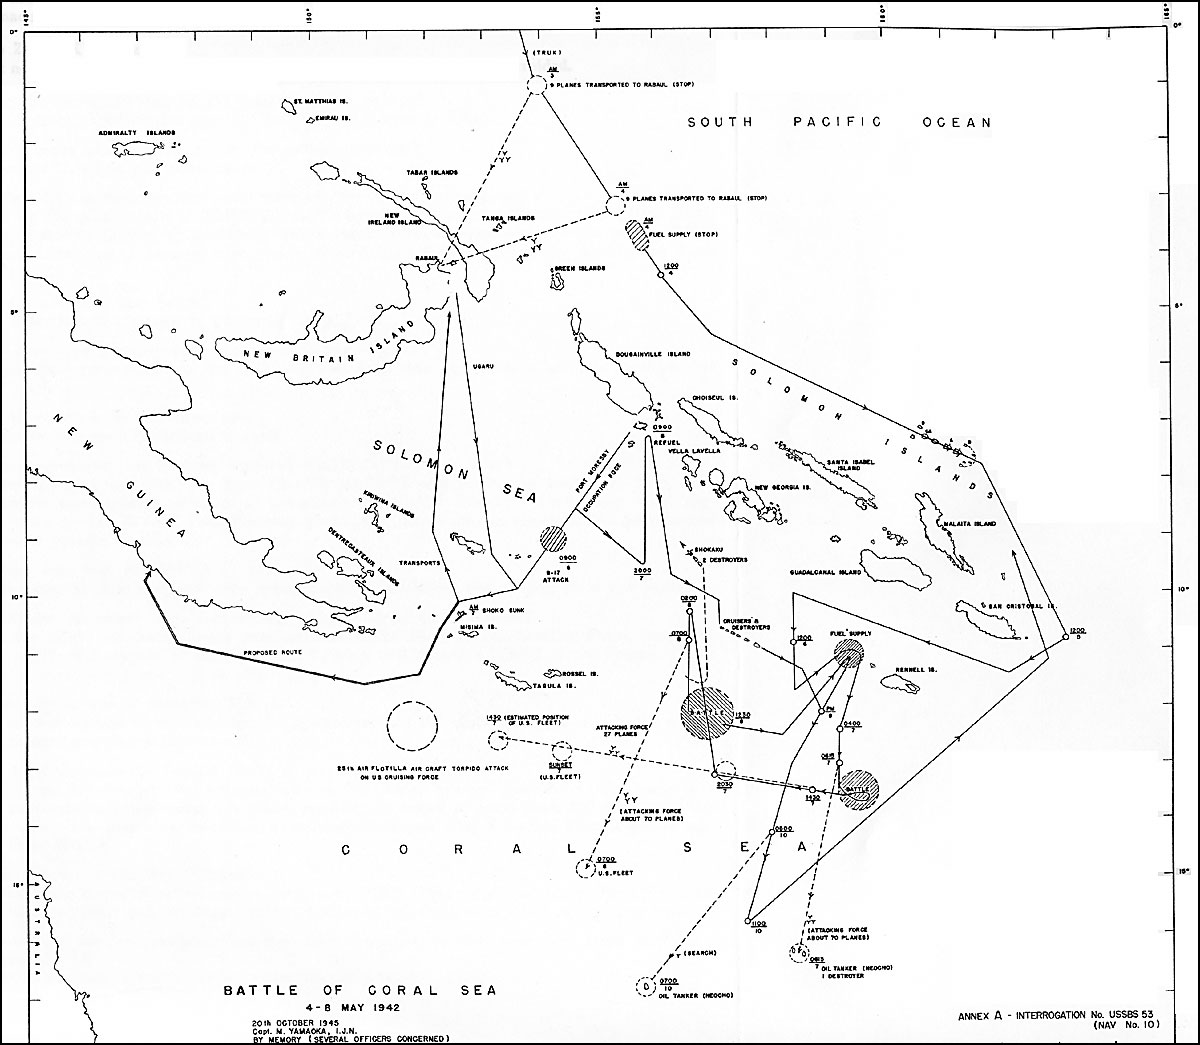 united states strategic bombing survey interrogations of japanese